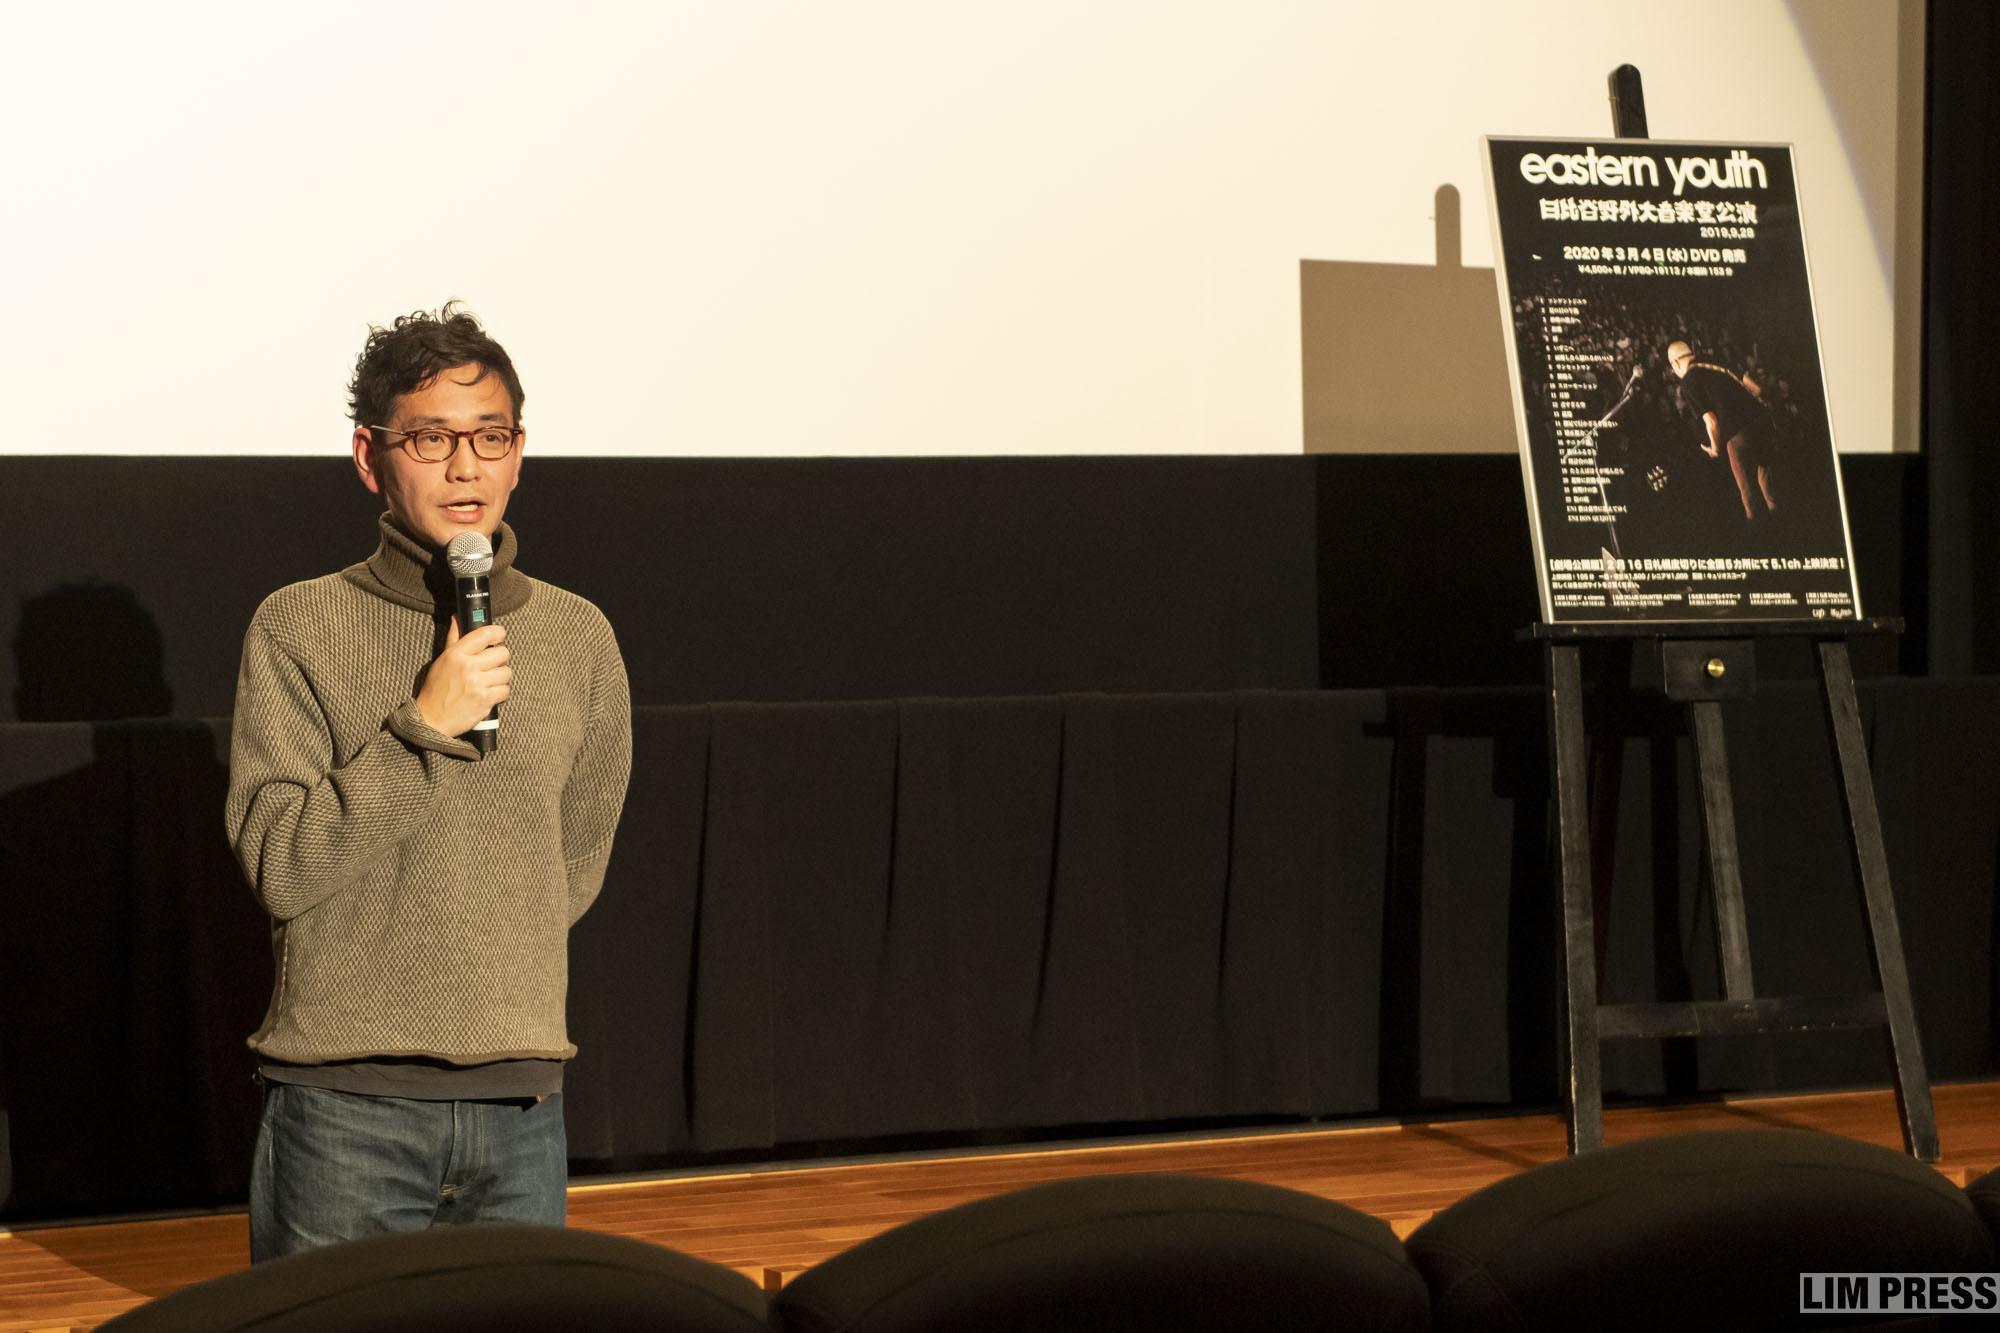 「いつかやりたいなと思っていた」川口潤監督が20年越しで実現した、eastern youth日比谷野音ライブのノーカット映像化を語る